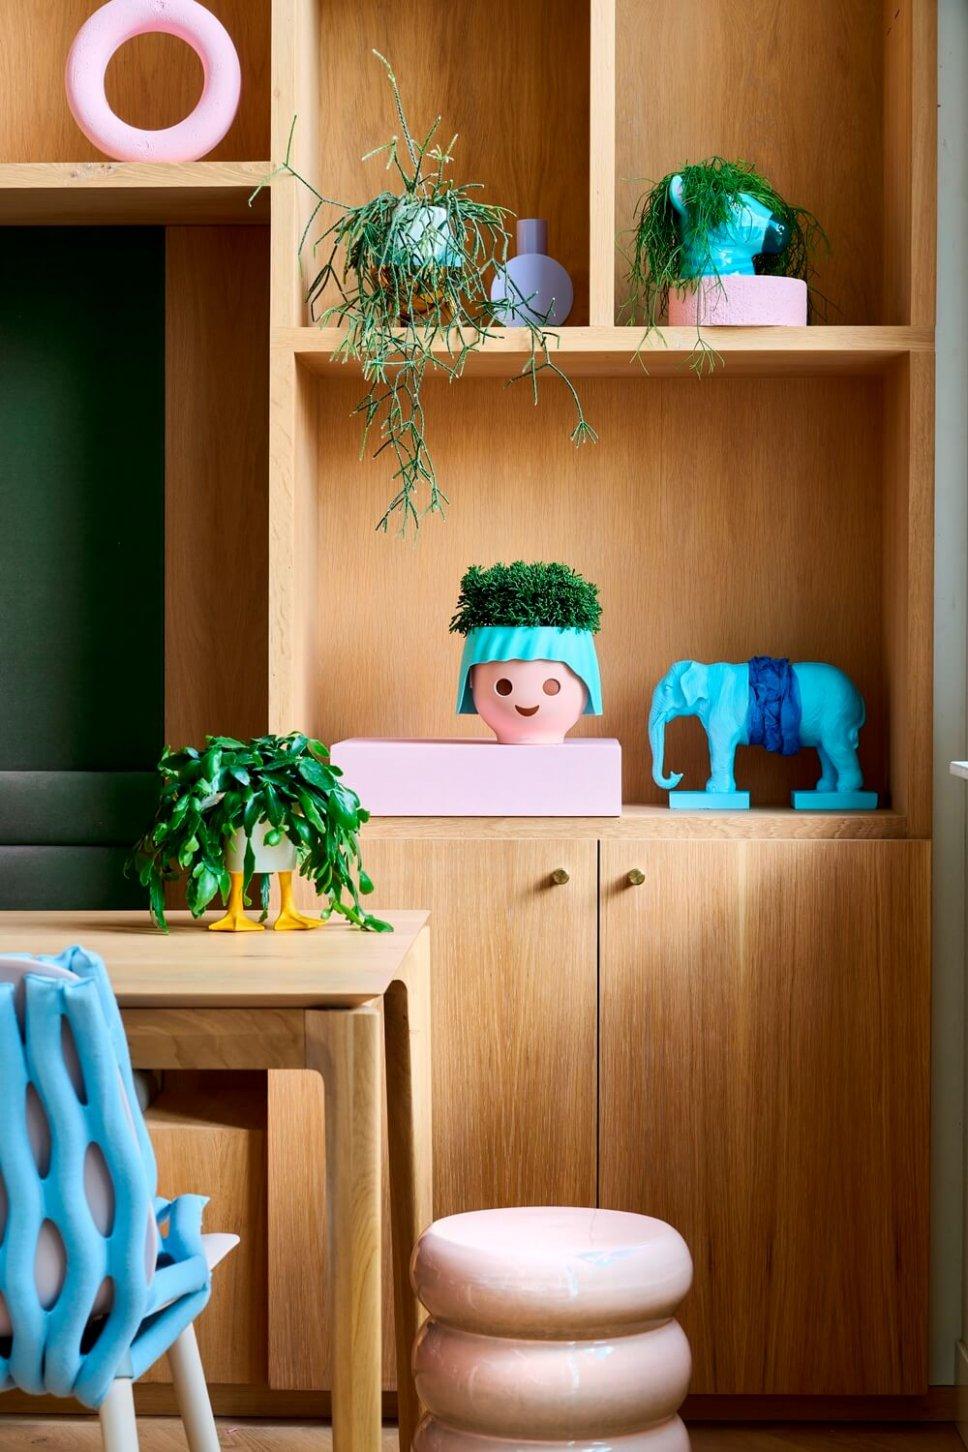 Moderner Wohnraum mit schrillen Blumenkasten gefüllt mit Zimmerpflanzen